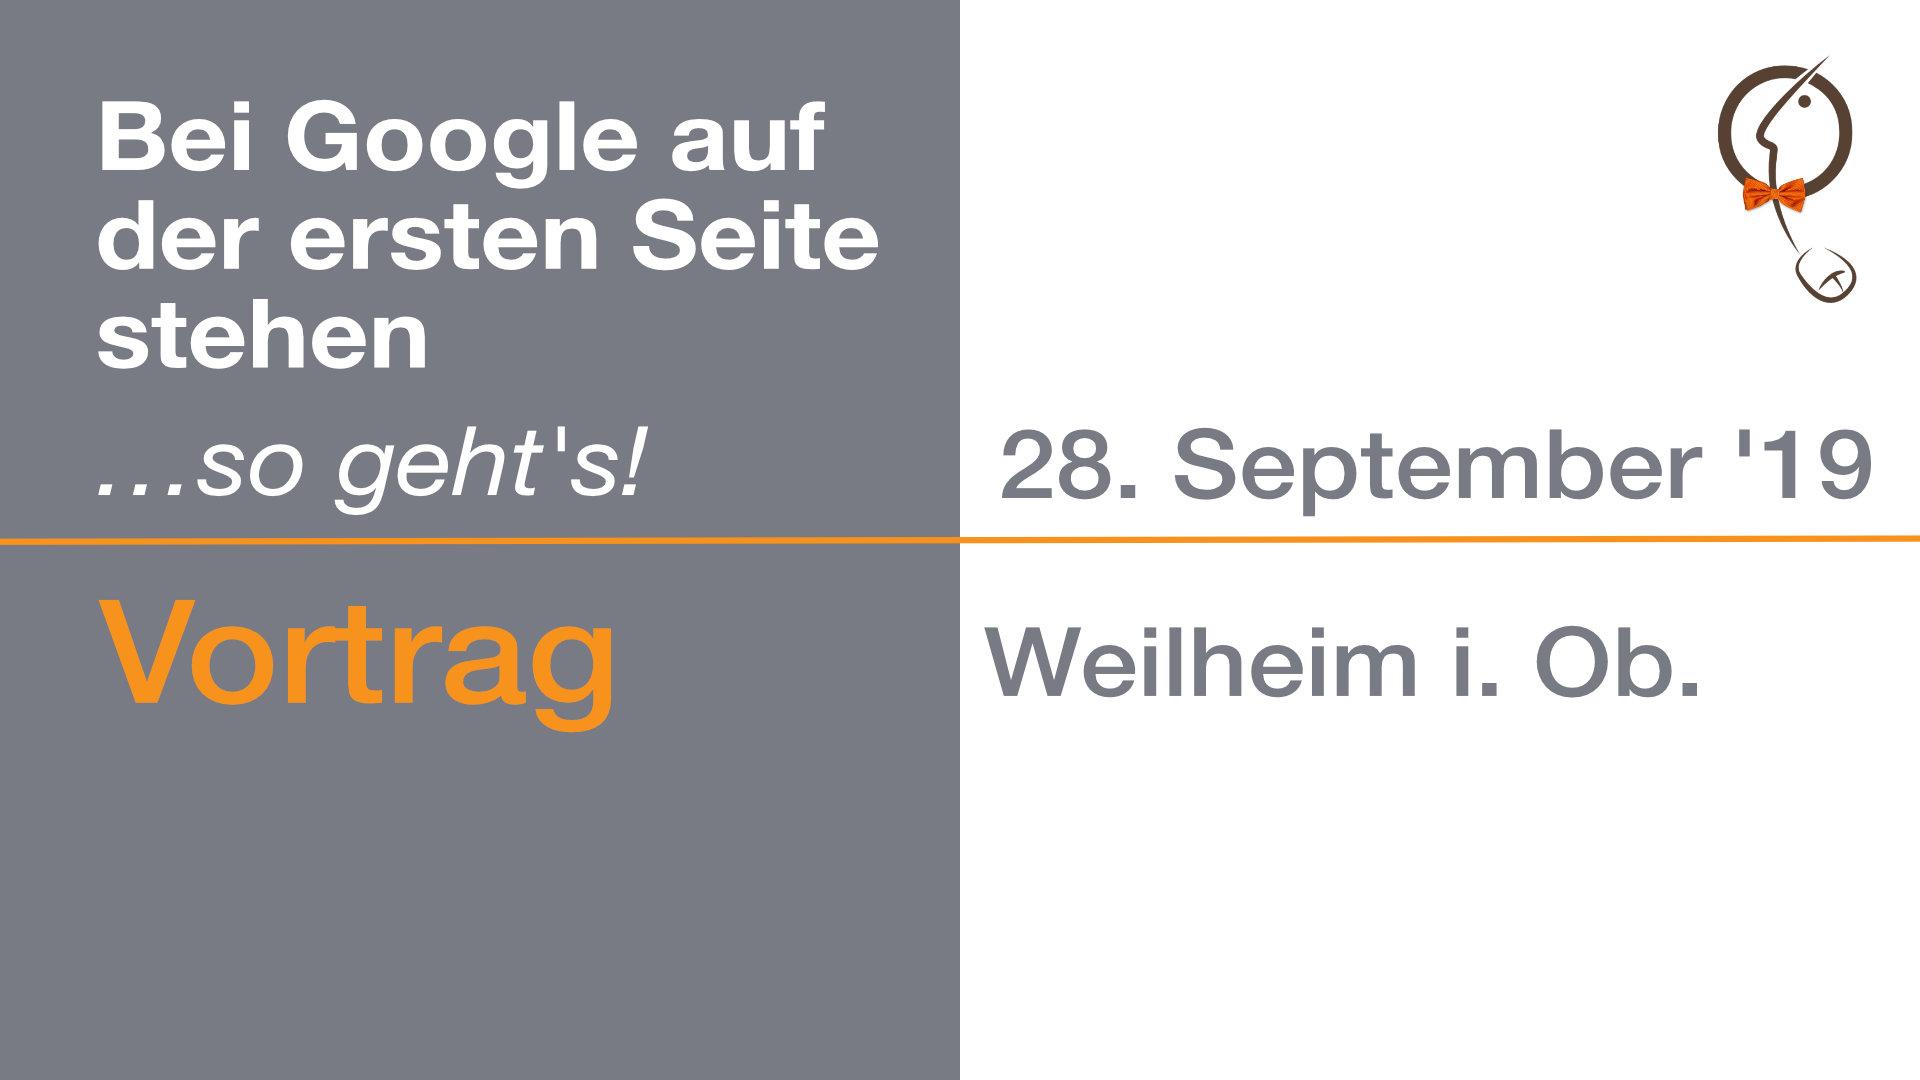 Vortrag Franz-Rudolf Borsch Weilheim